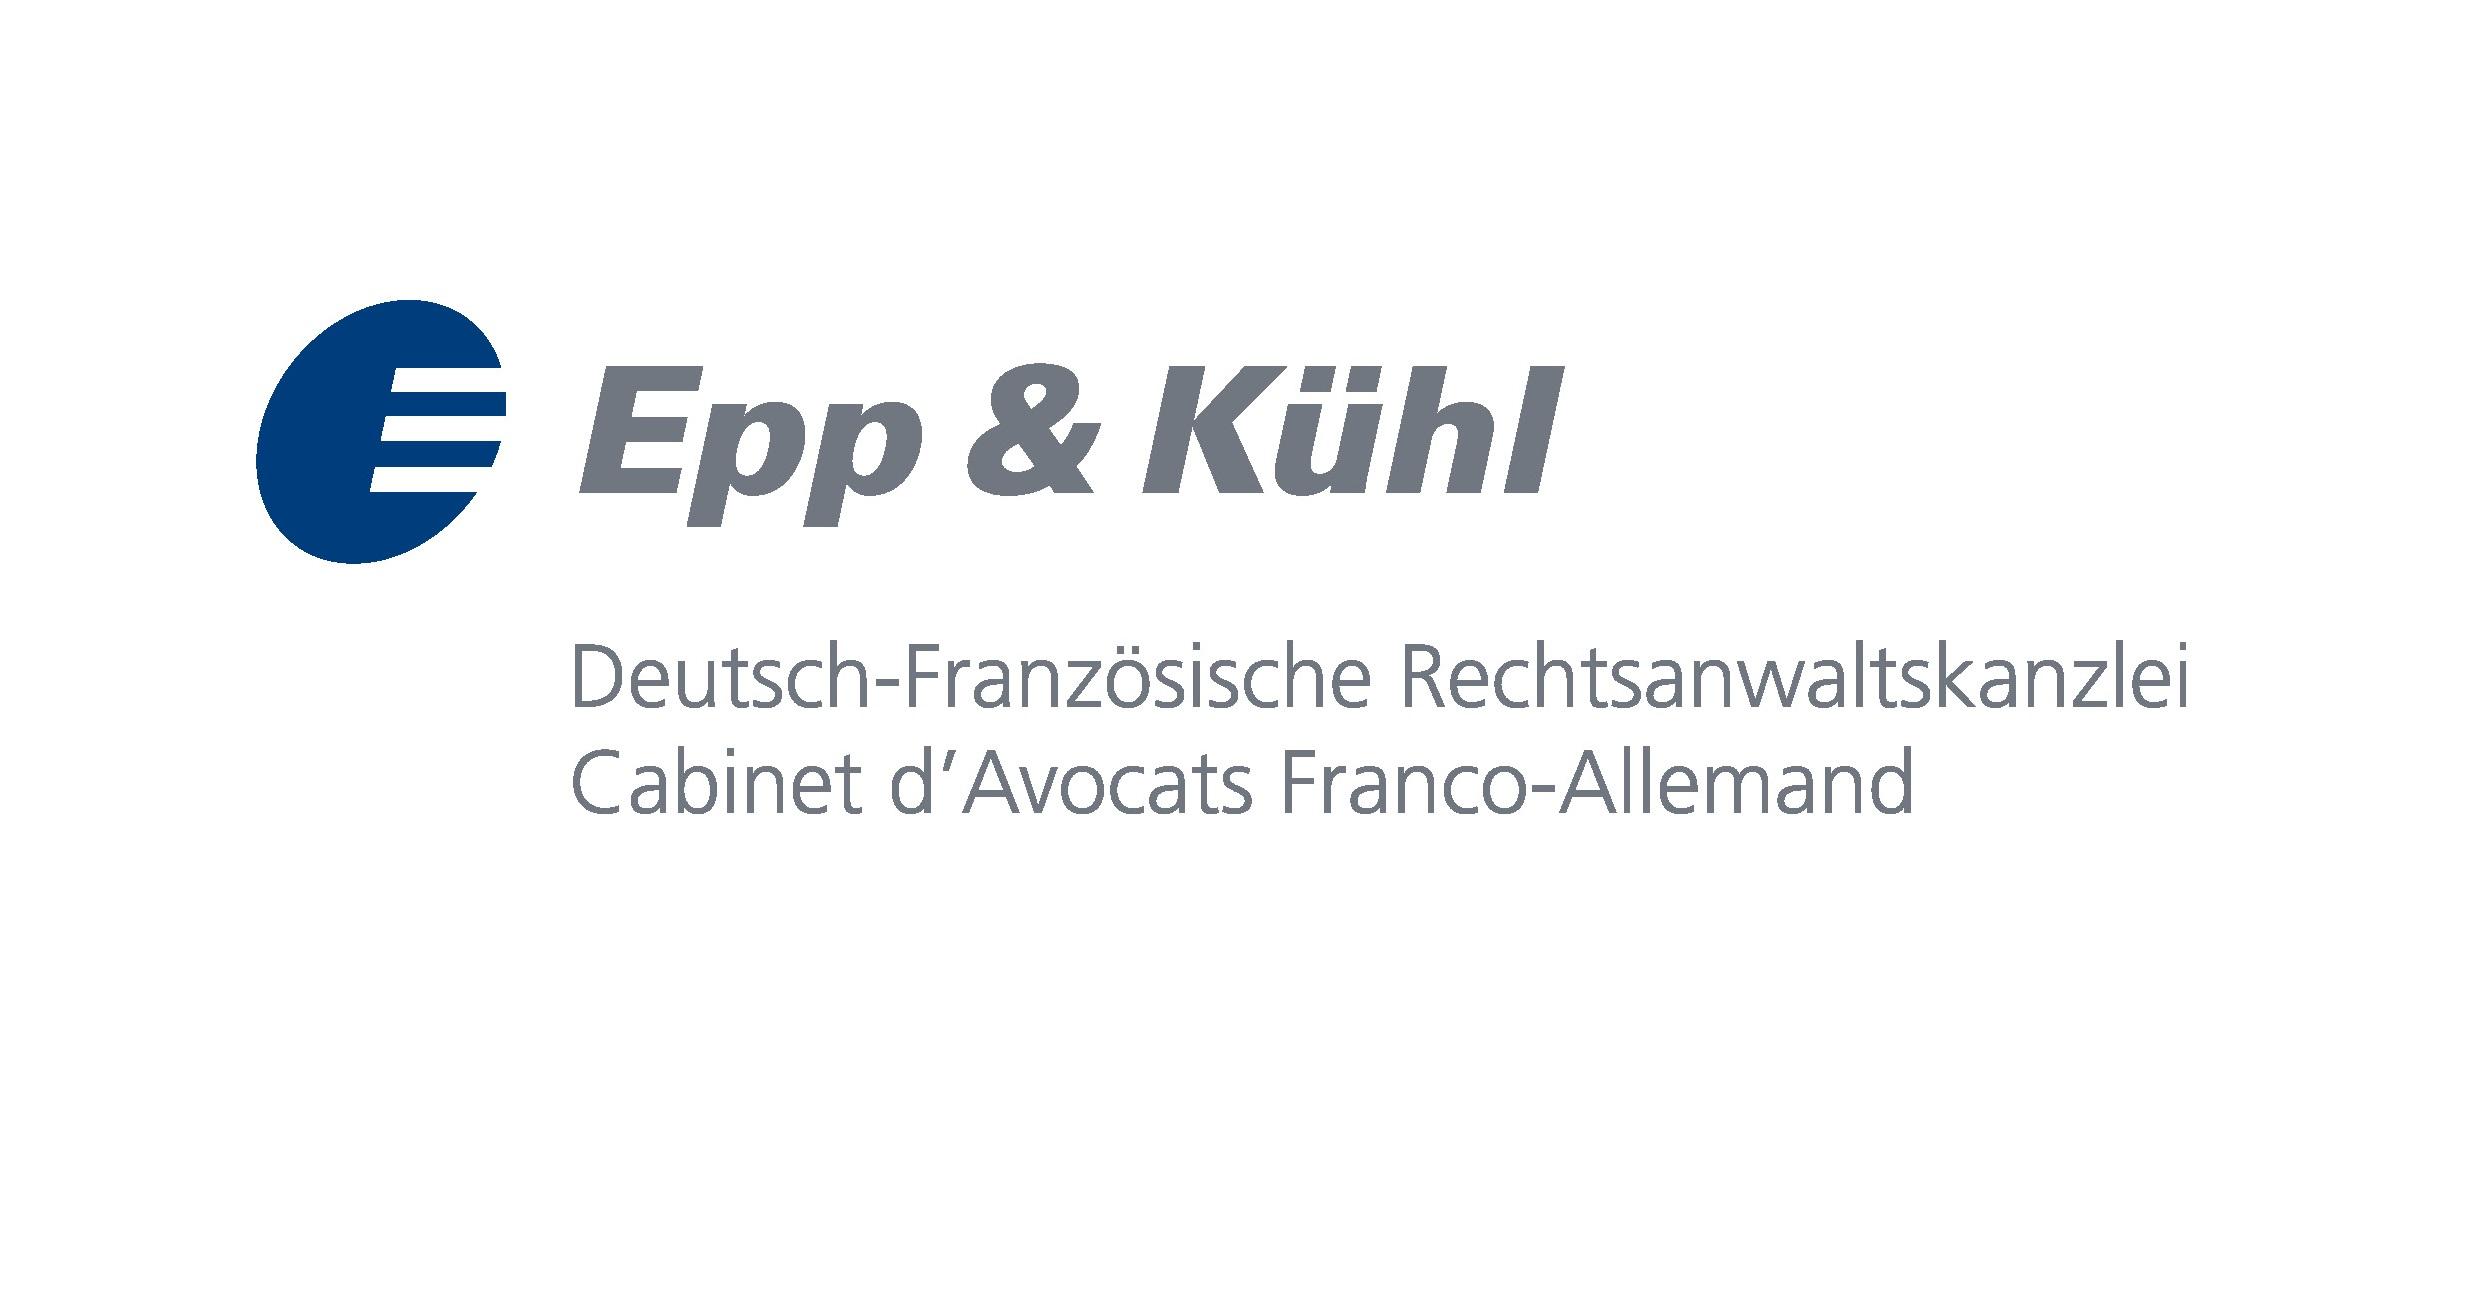 Epp & Kühl Deutsch Französische Rechtsanwaltskanzlei